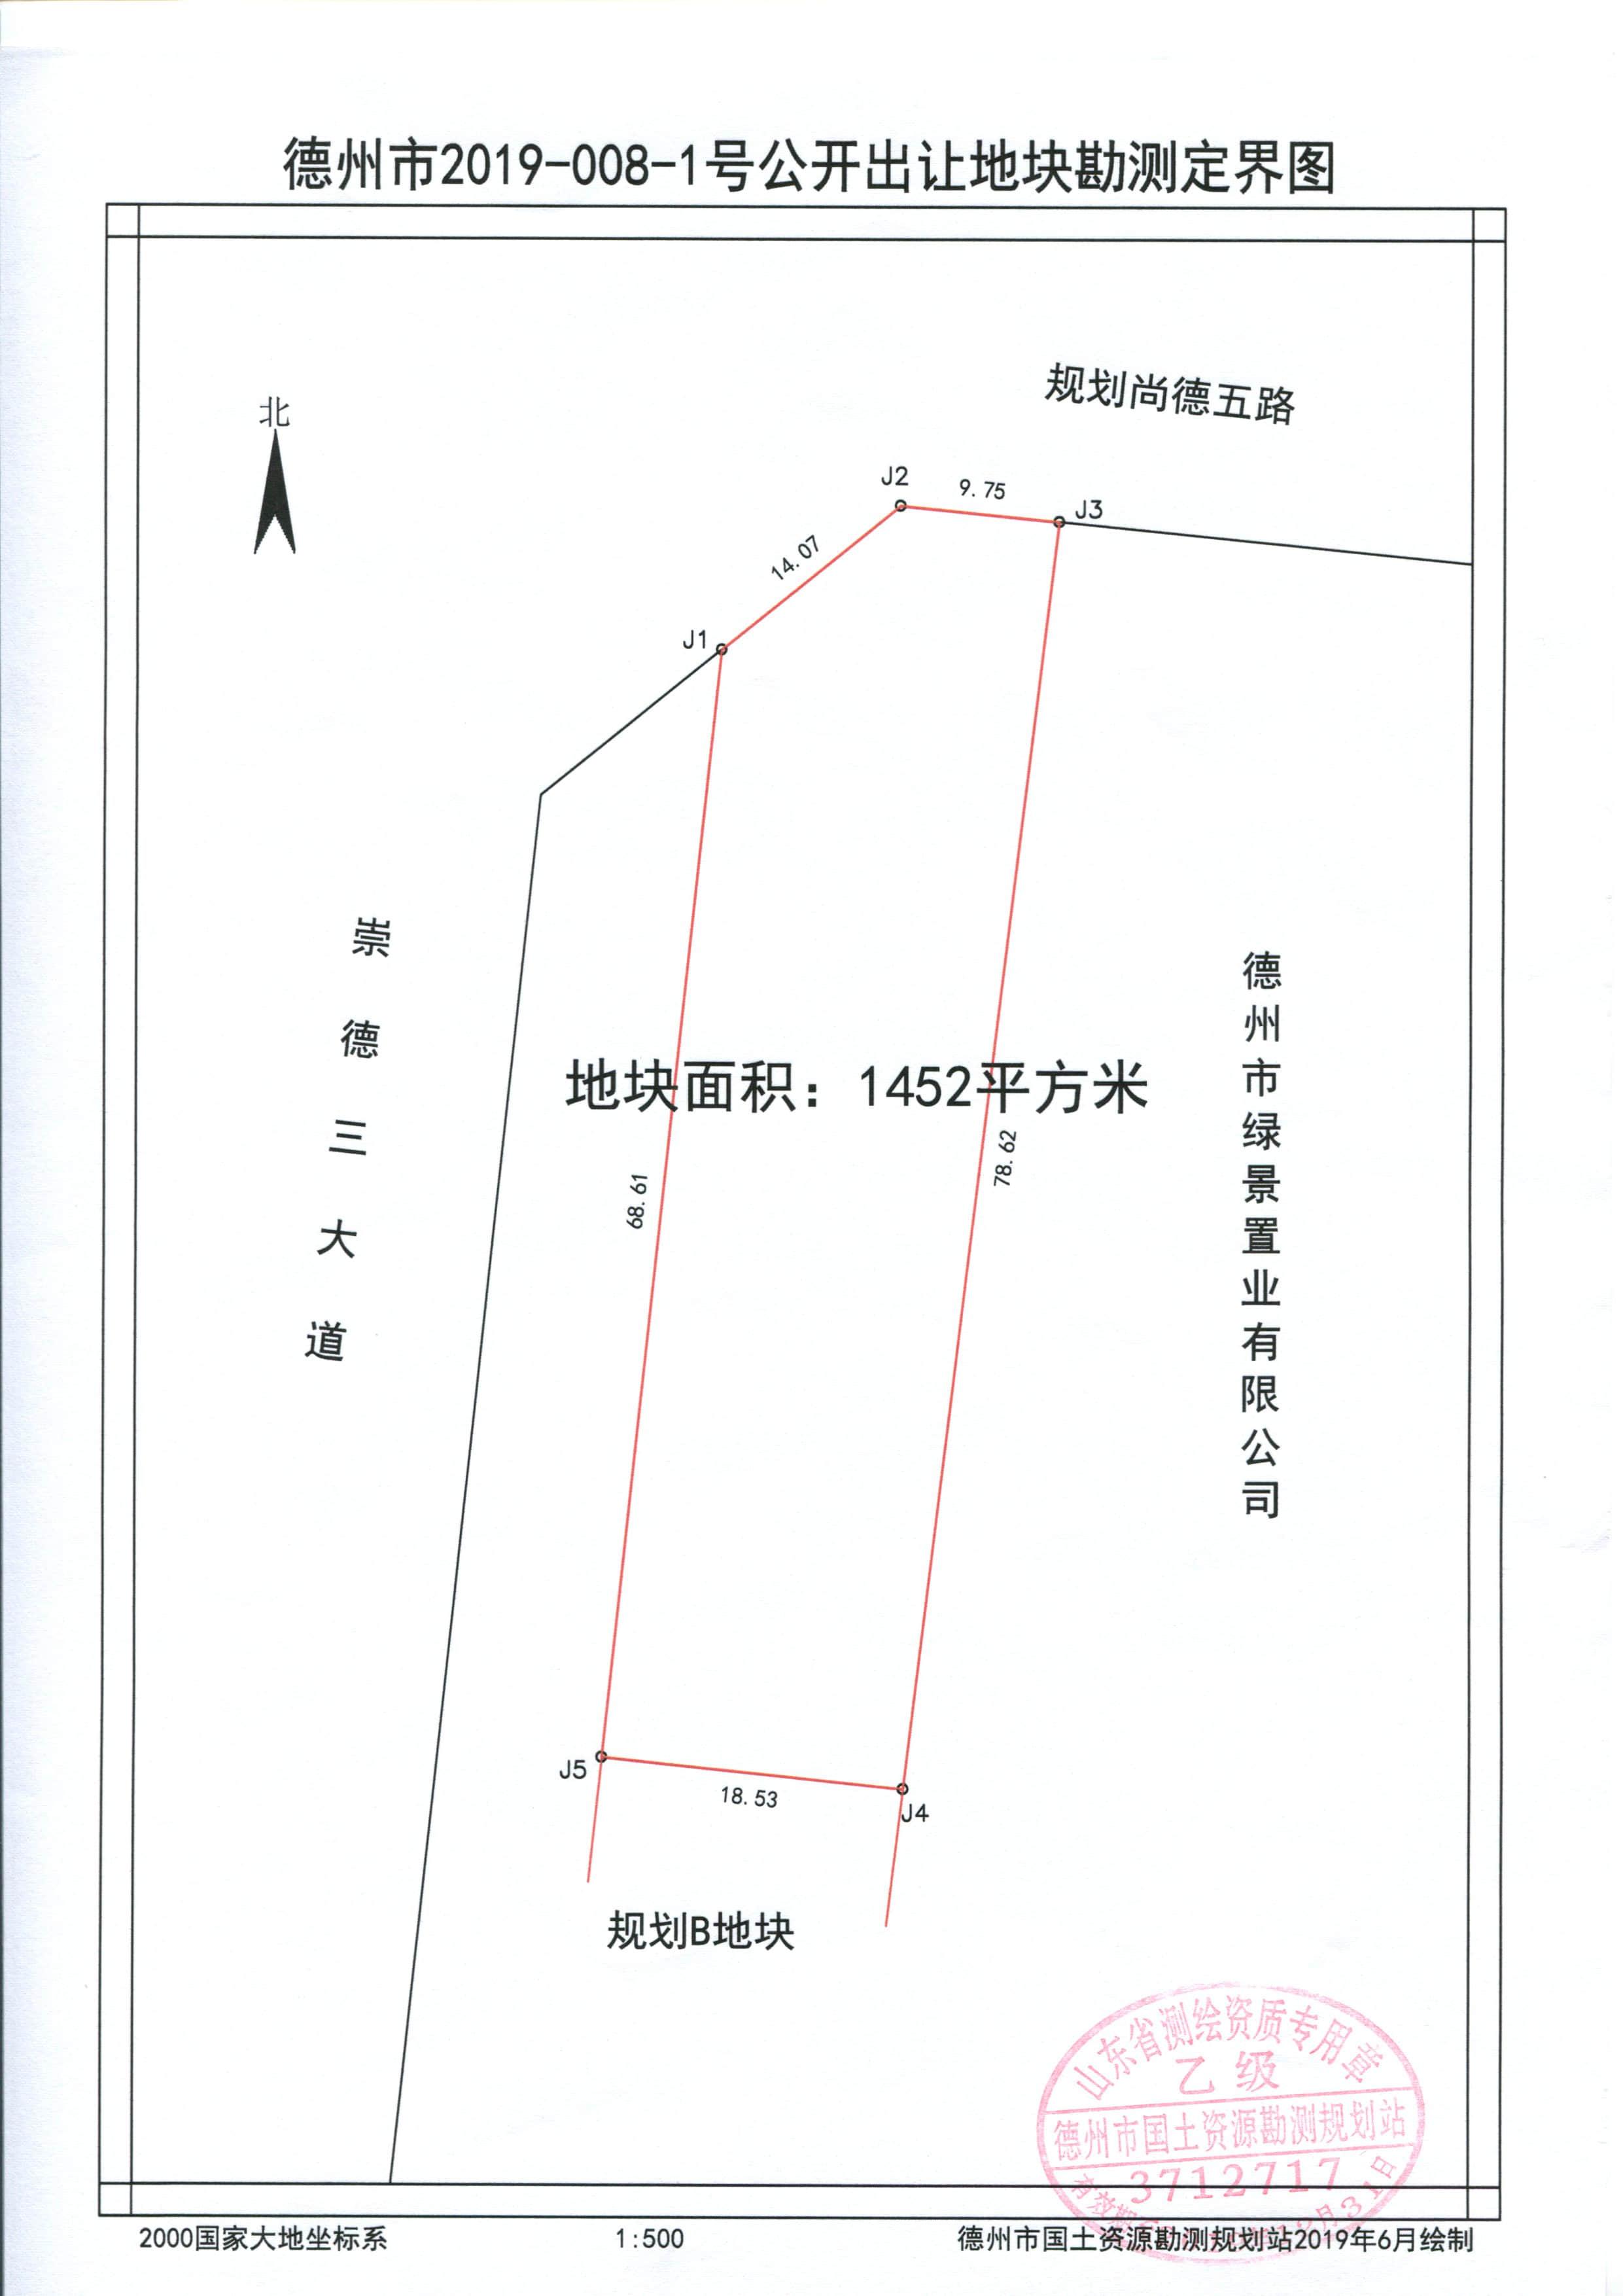 勘测定界图001.jpg